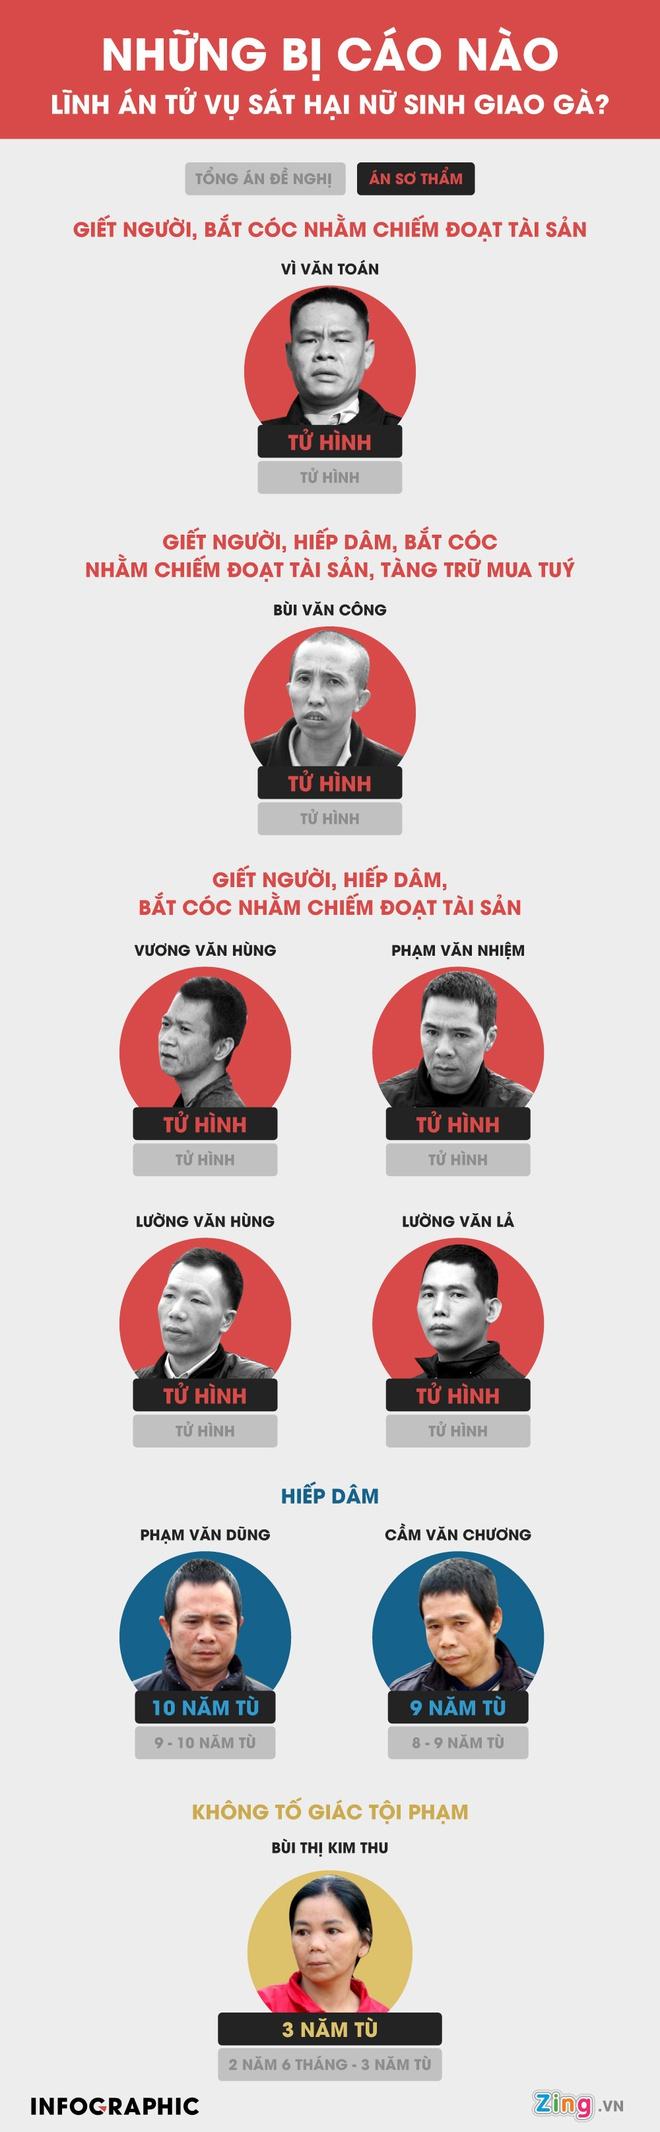 Bố nữ sinh giao gà ở Điện Biên kiến nghị không tử hình 6 bị cáo-3